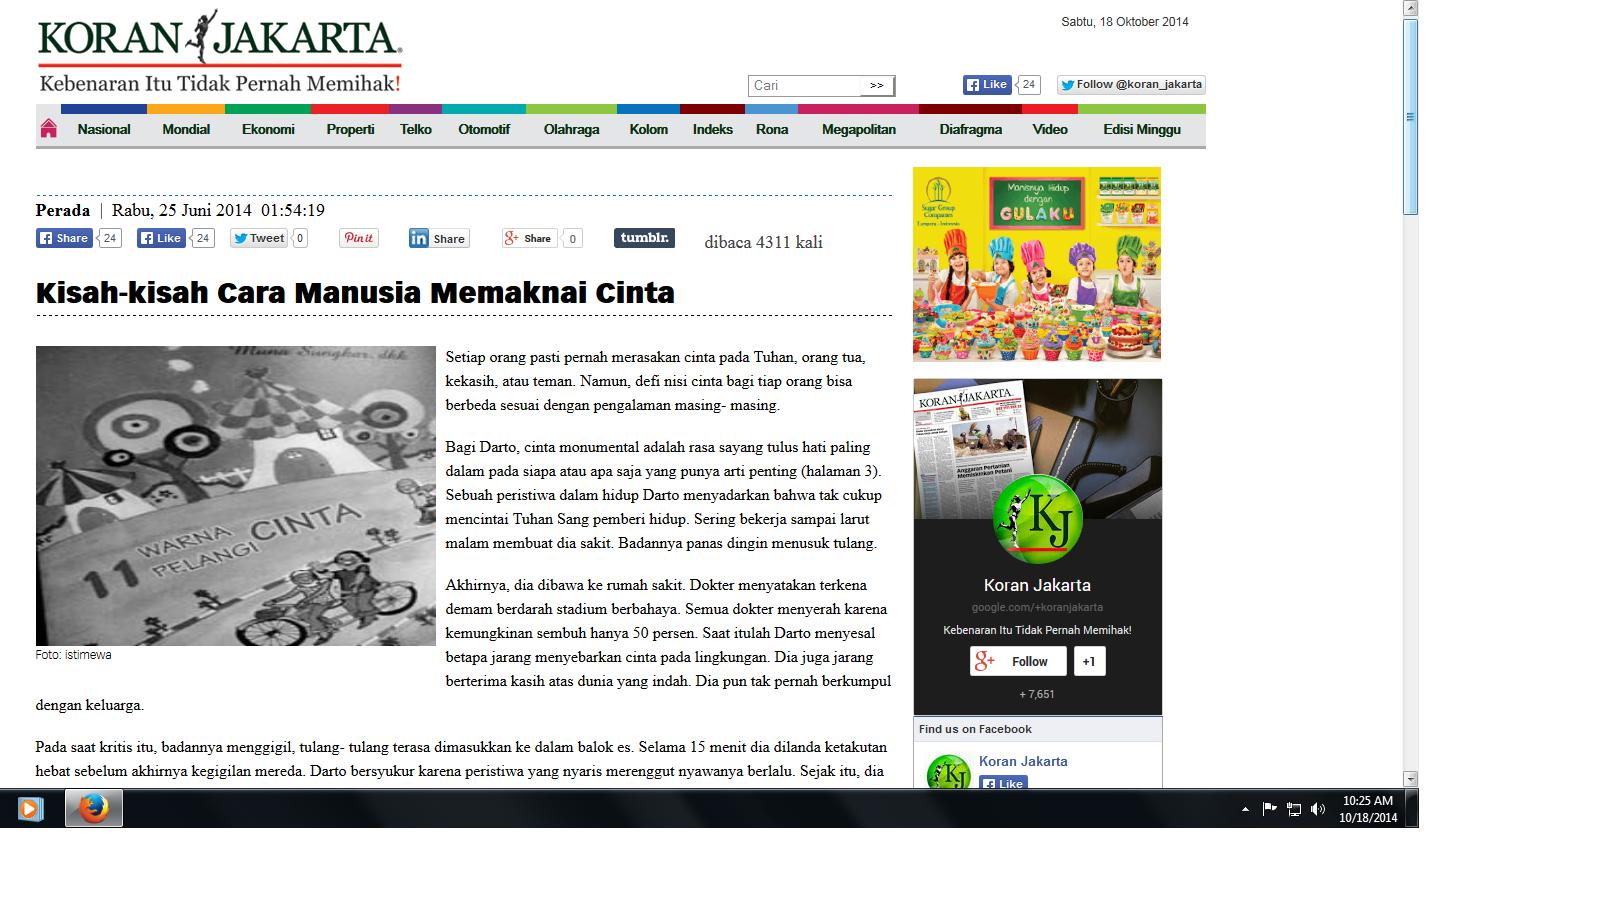 Resensi Buku Dimuat di Koran Jakarta